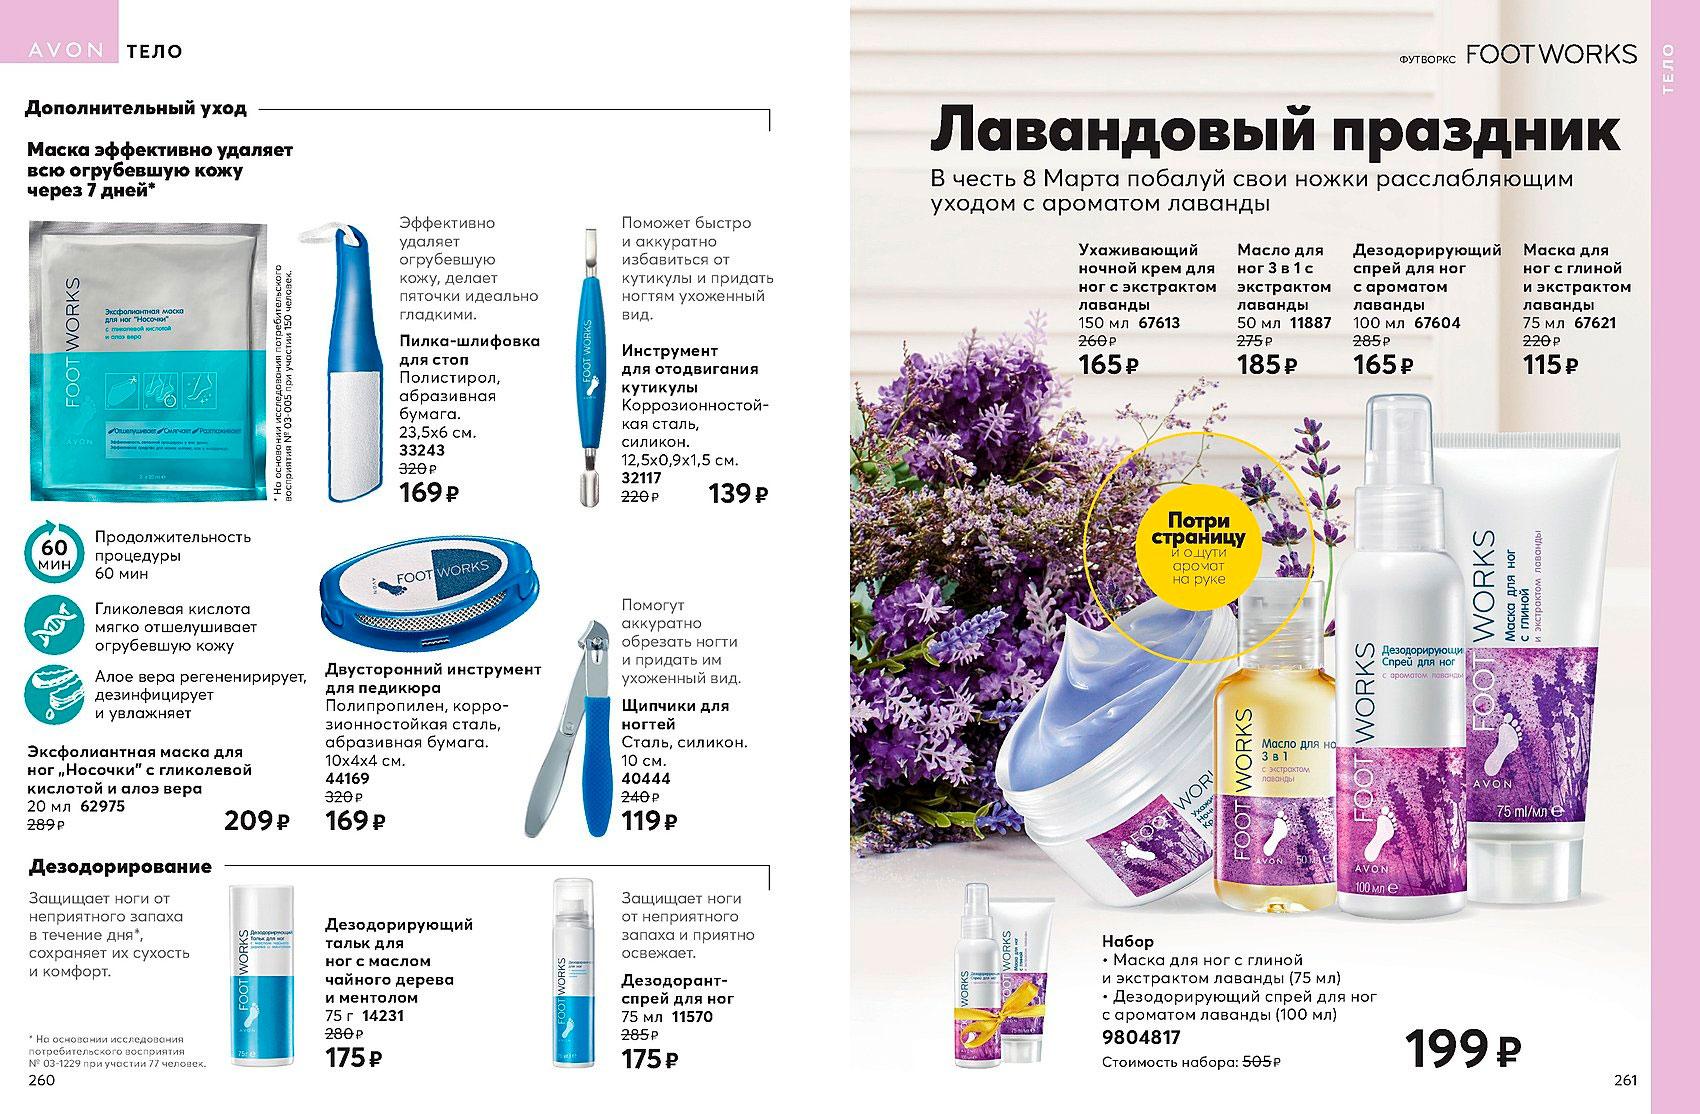 сайт эйвон украина каталог